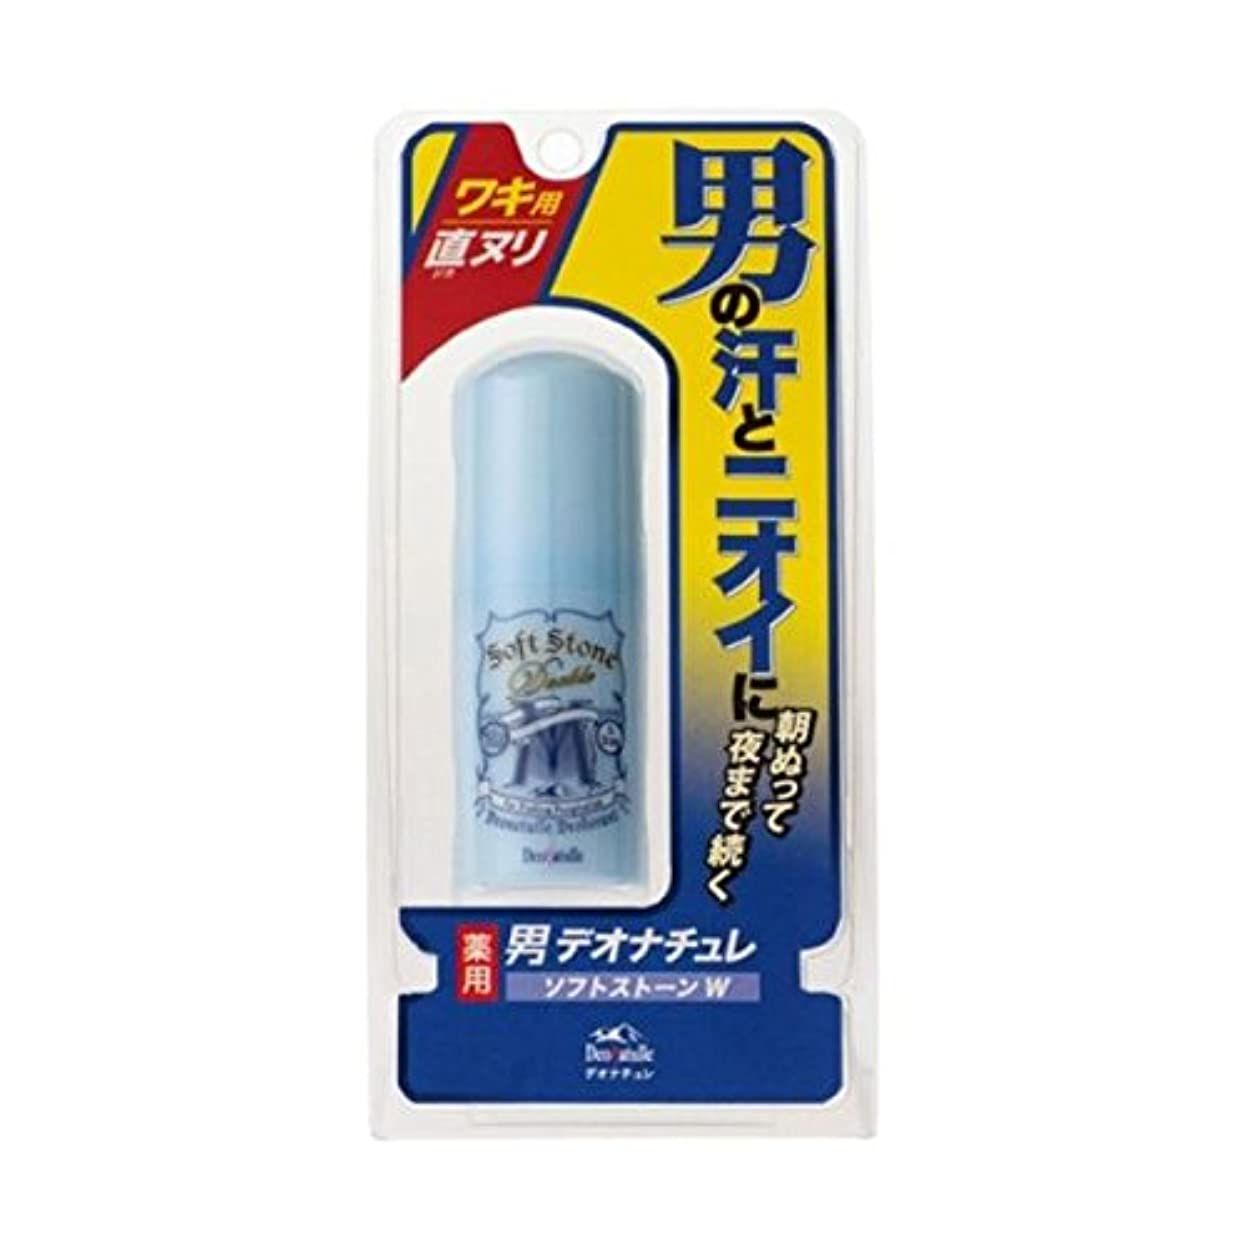 拮抗する水没同情デオナチュレ 男ソフトストーン20Gx3個セット (4971825011747)